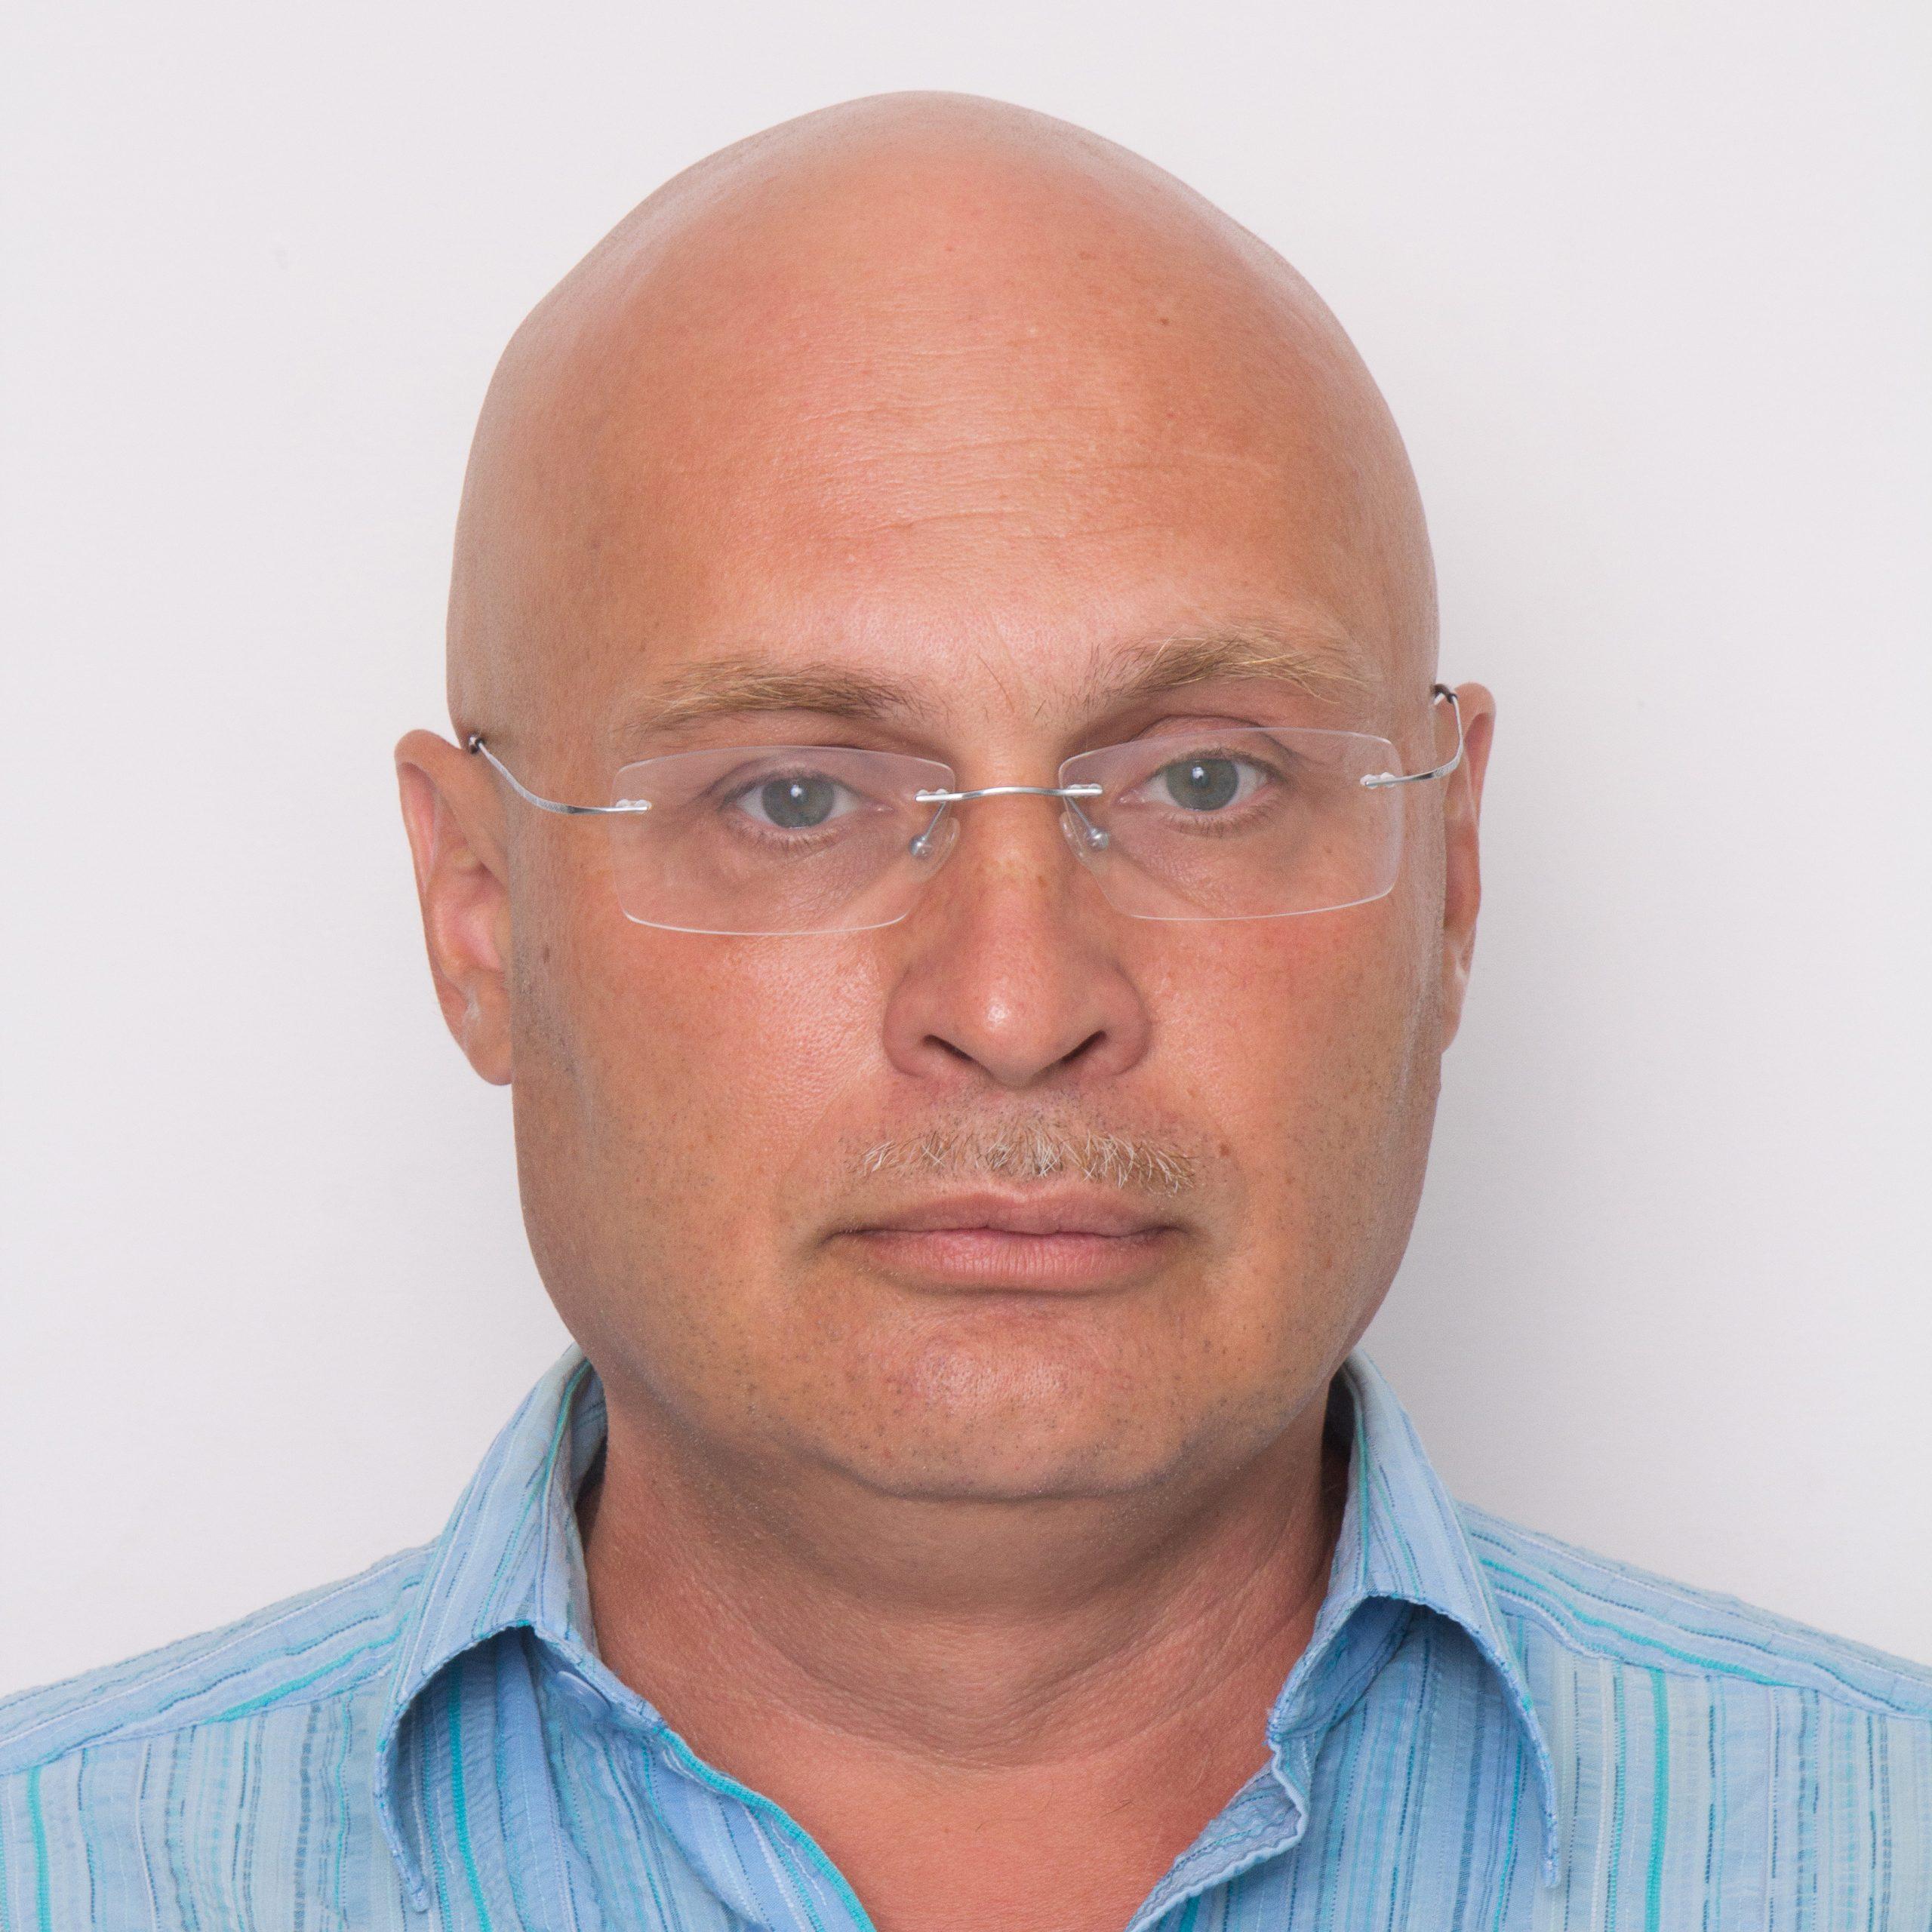 Victor Chernikov